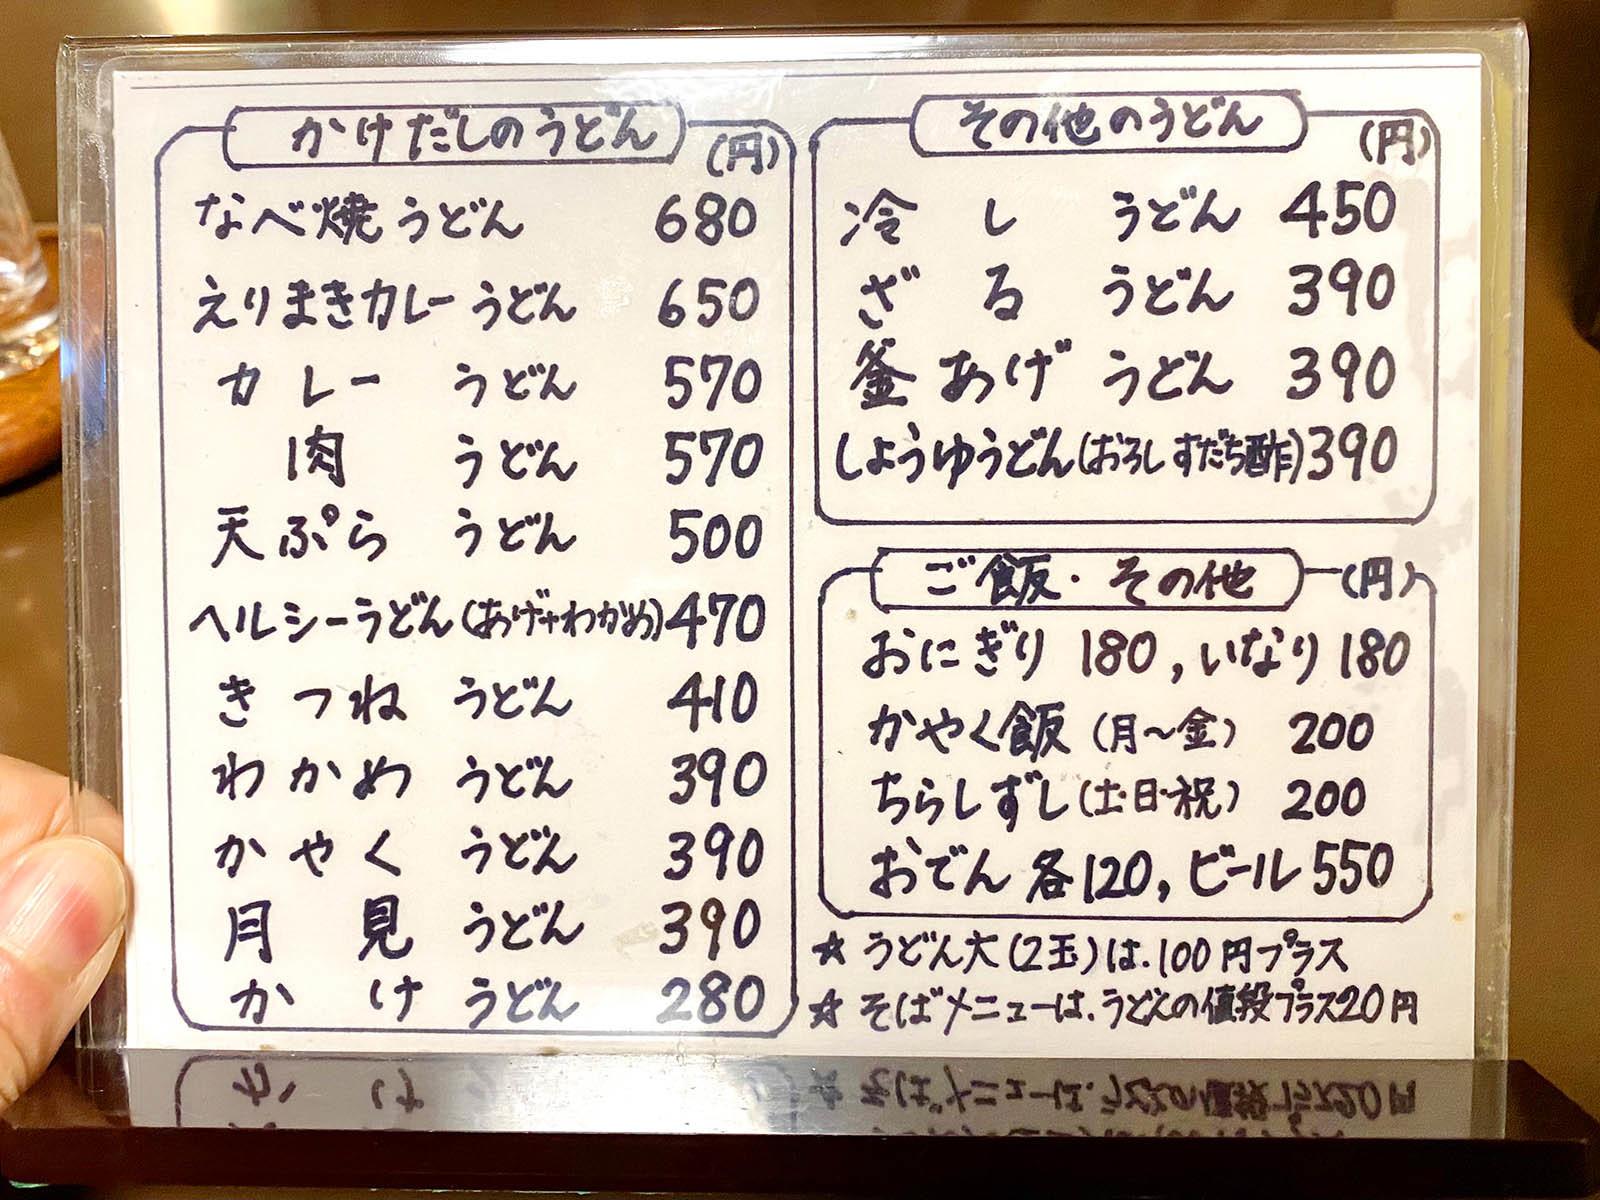 大円 メニュー1